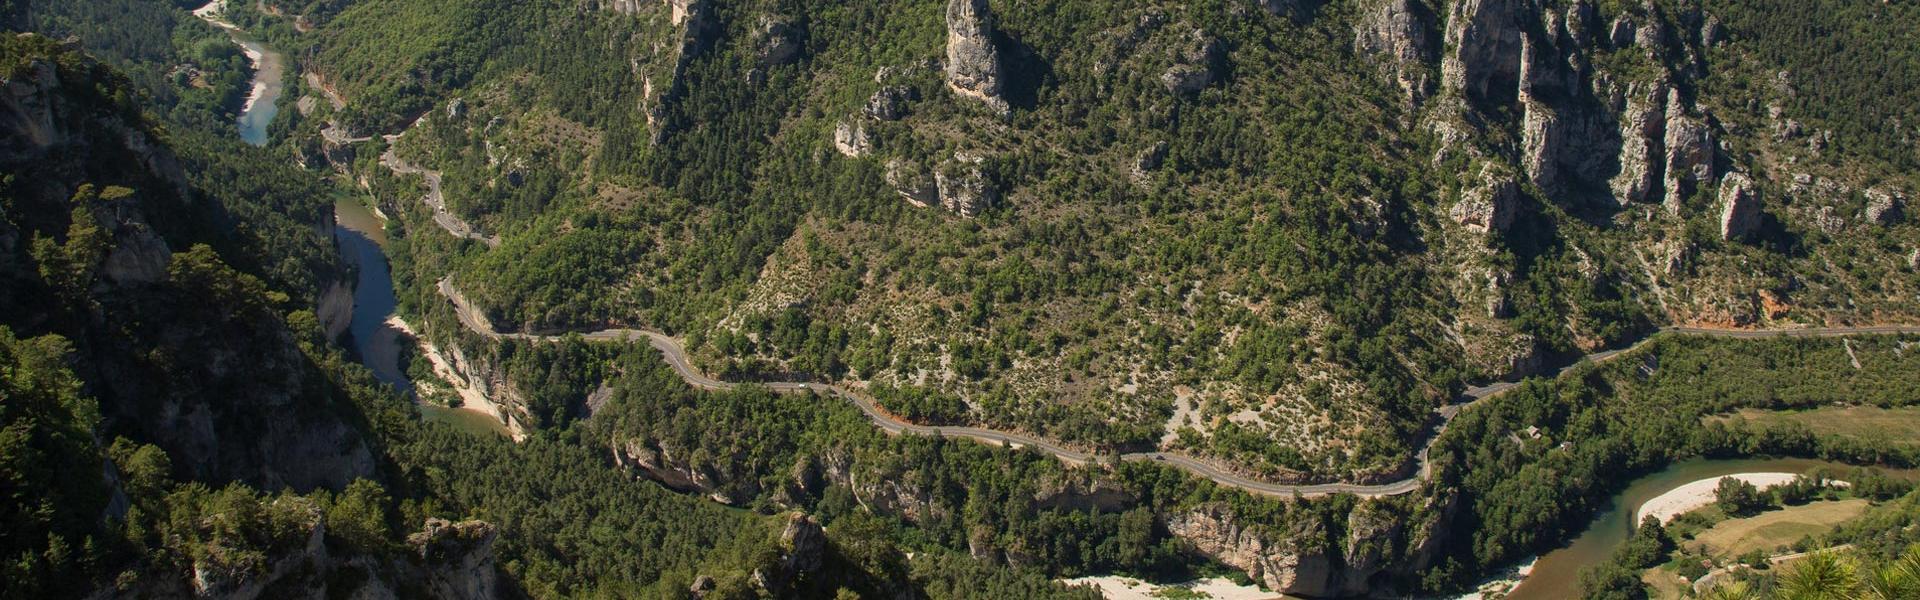 La route des Gorges du Tarn